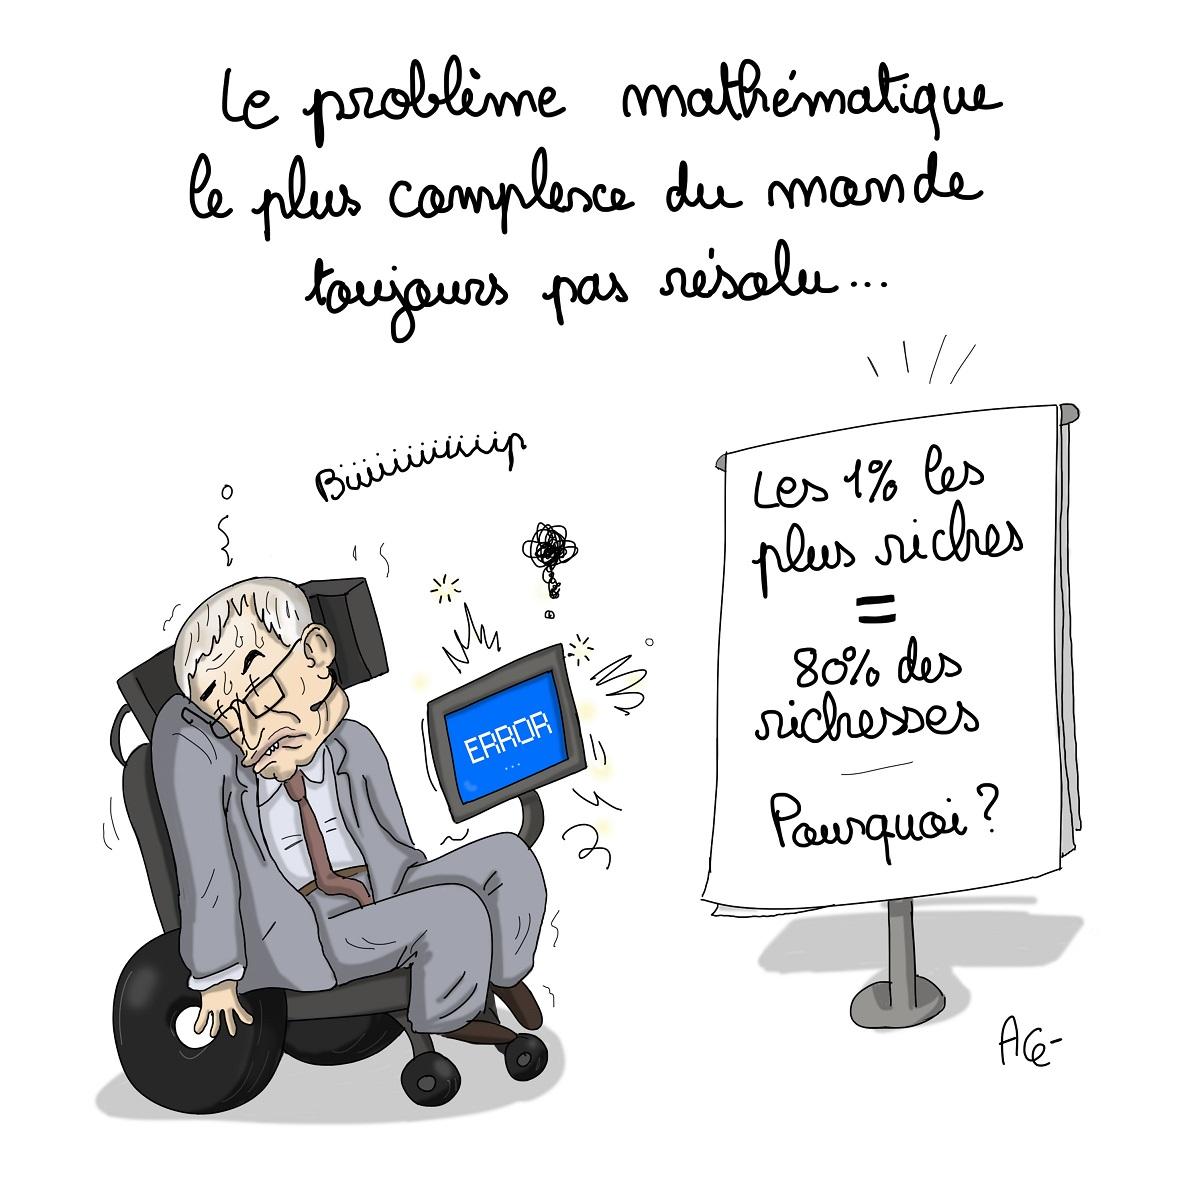 dessin drôle de Stephen Hawking devant l'équation des inégalités